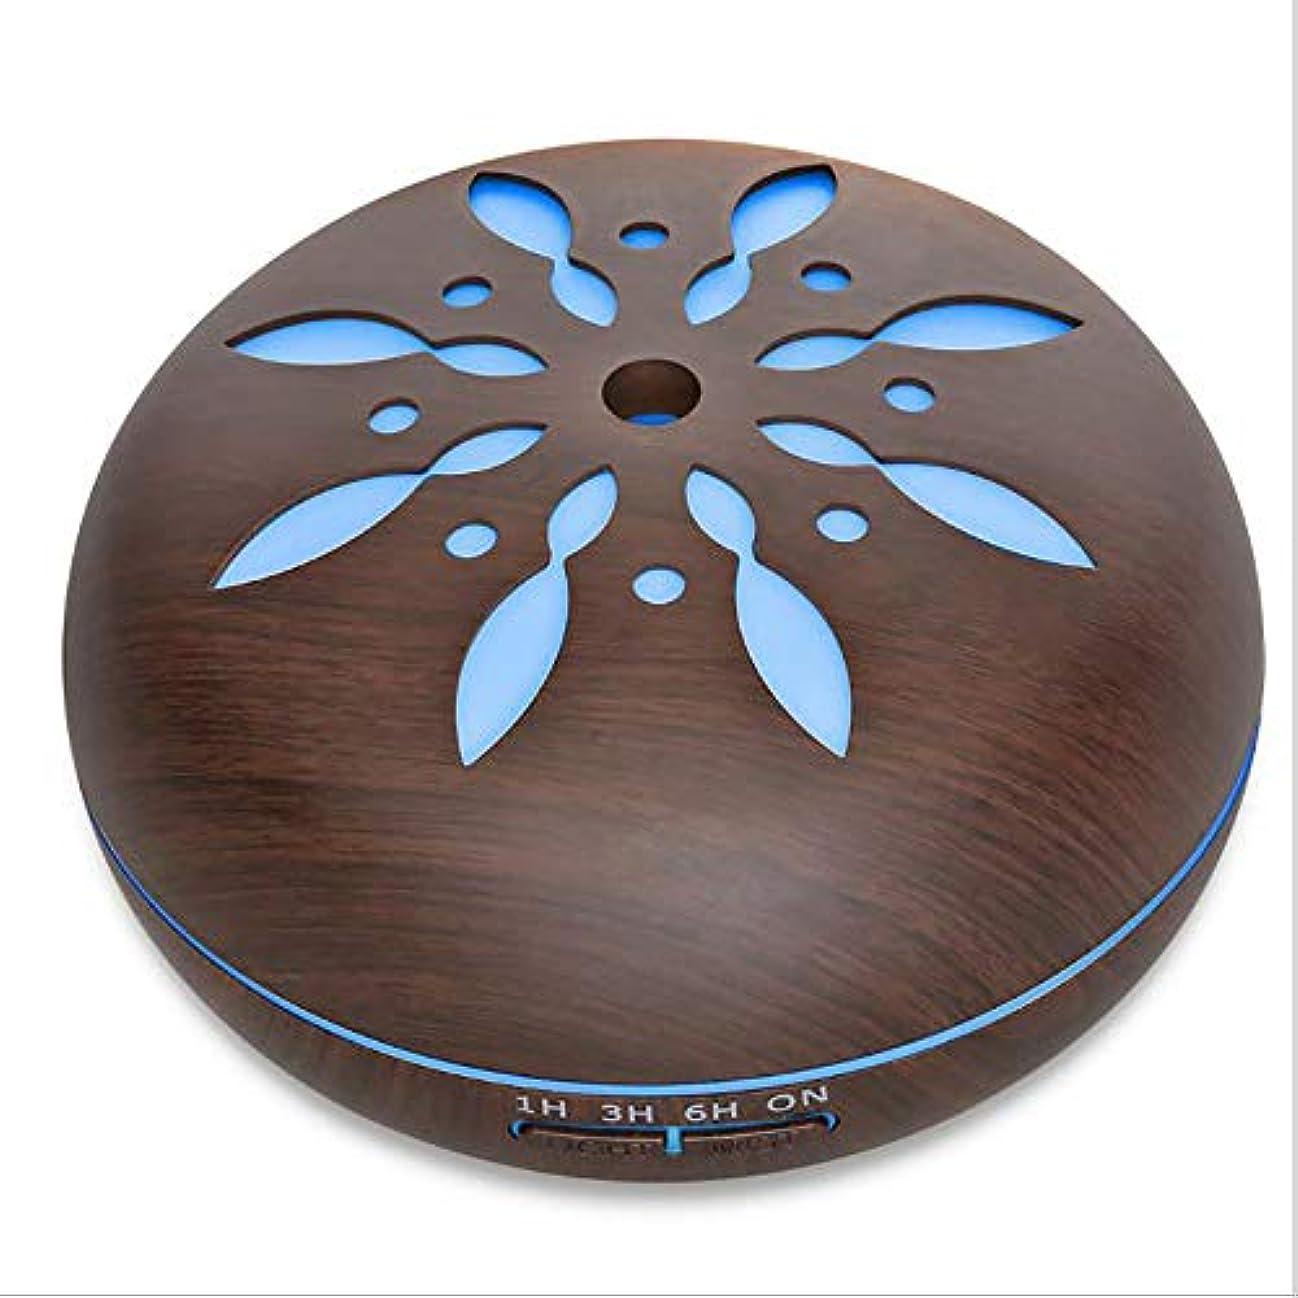 テロペチコート早くミスト 超音波 香り ネブライザー、 電気の 香り 木製 ホーム 空気 加湿器、 550ml リモコン 木地 アロマテラピー エッセンシャルオイル 香り ディフューザー,Petals1dark